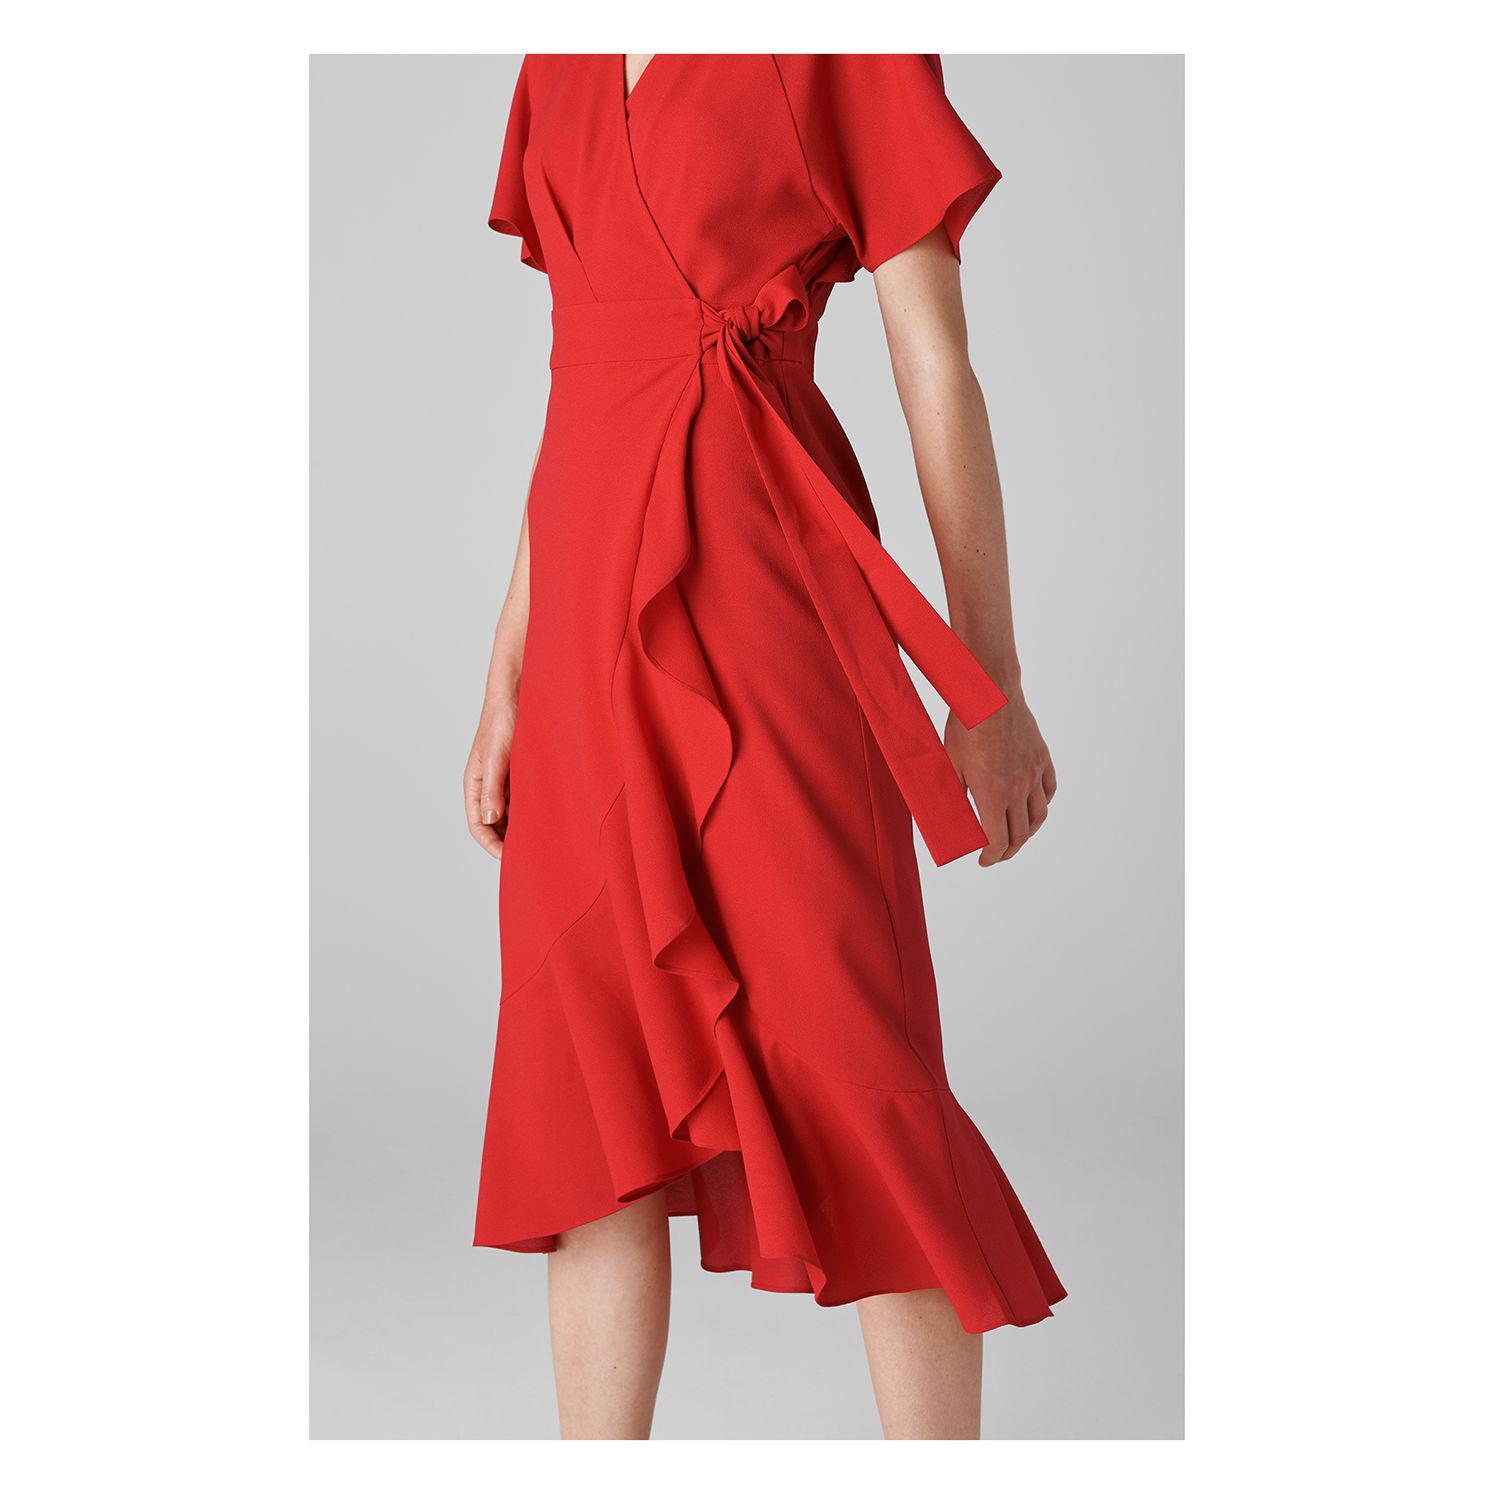 3c67494f64 ... Abigail Frill Wrap Dress - Lyst. View fullscreen